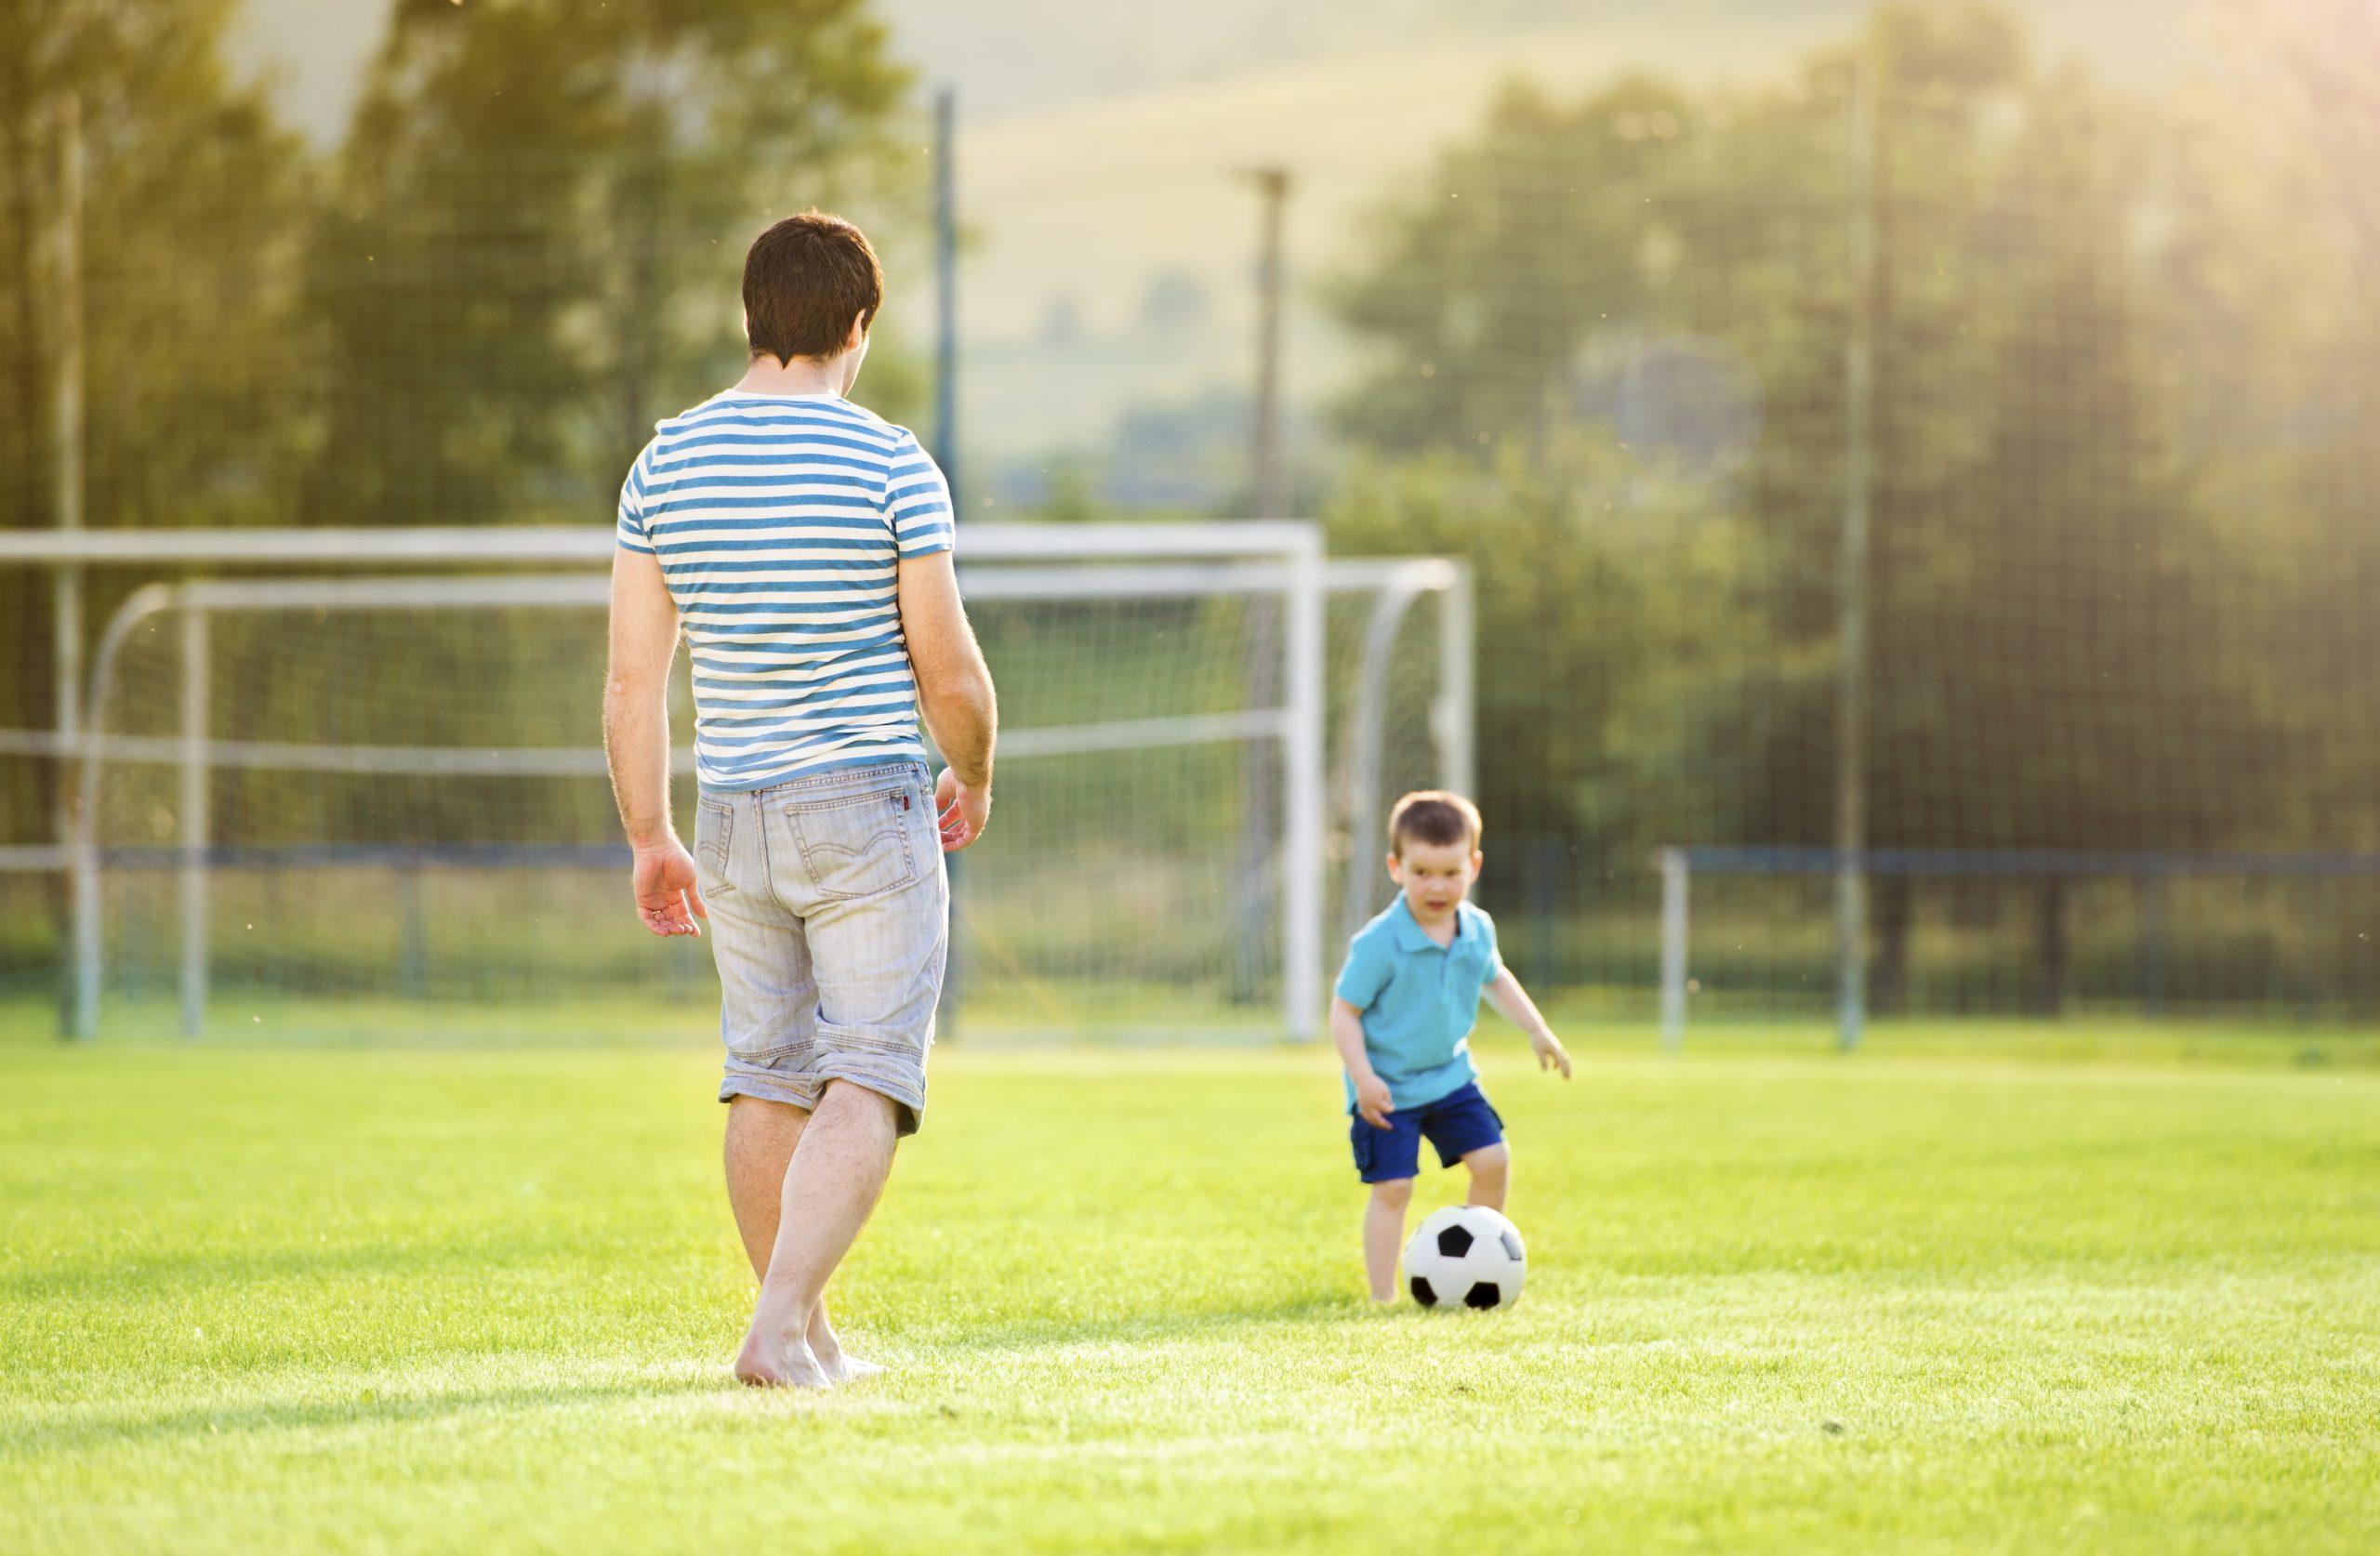 Enfants en forme maintenant, adultes en bonne santé plus tard